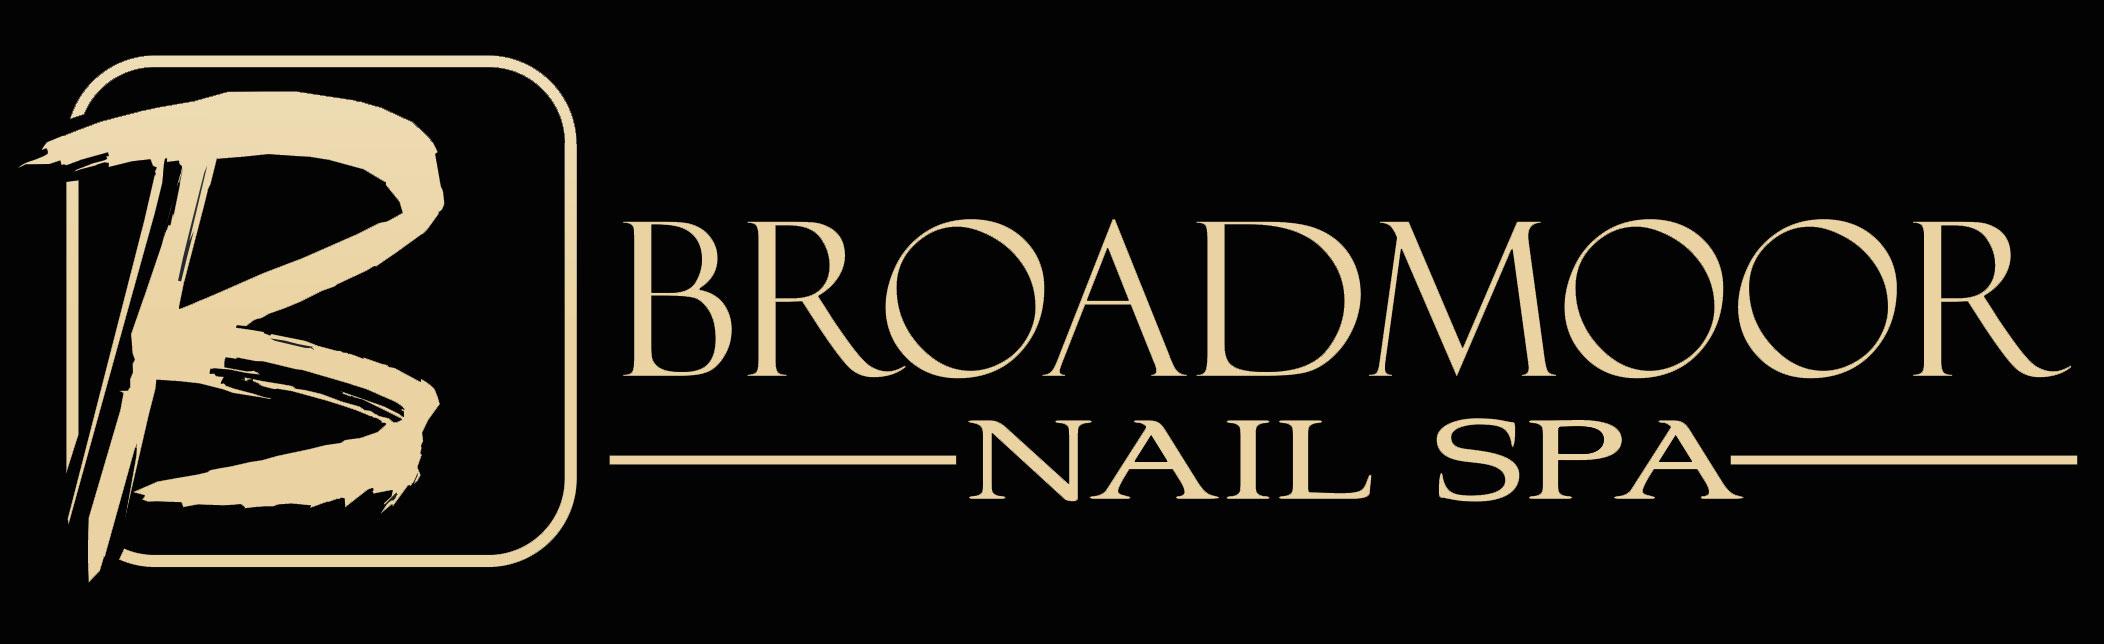 Broadmoor-Nails-Hoz-logo.jpg